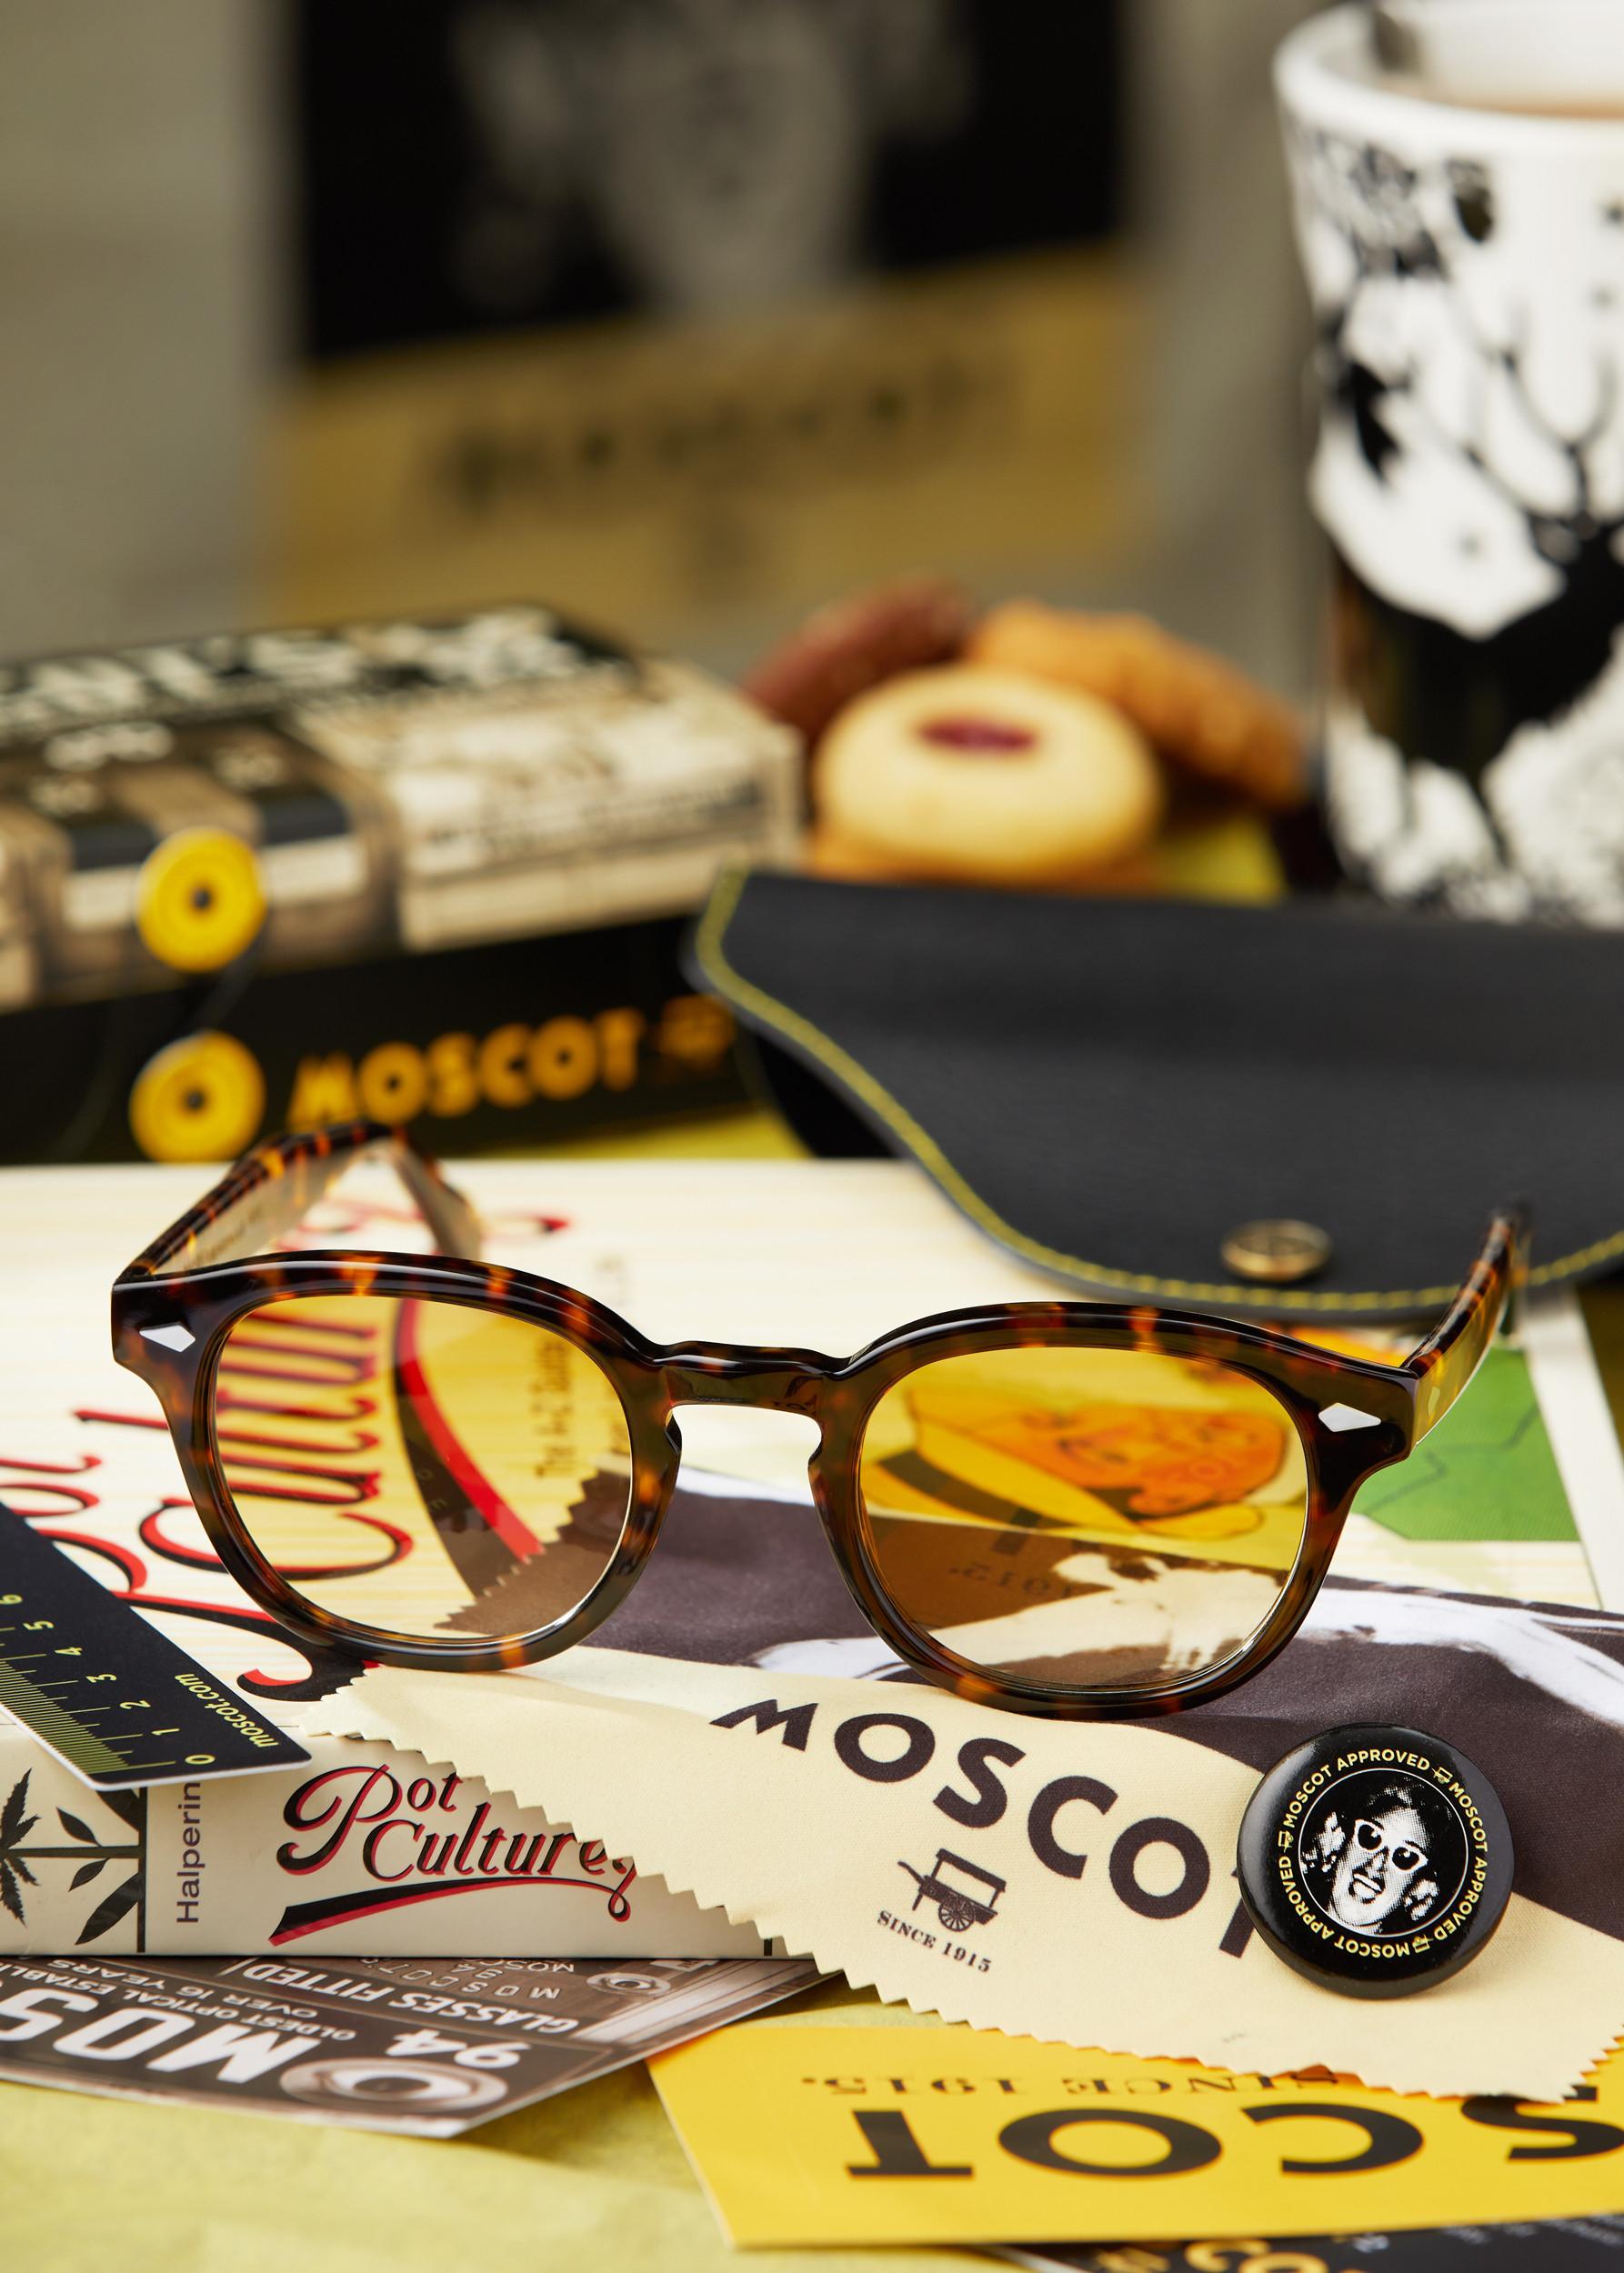 Moscot glasses.